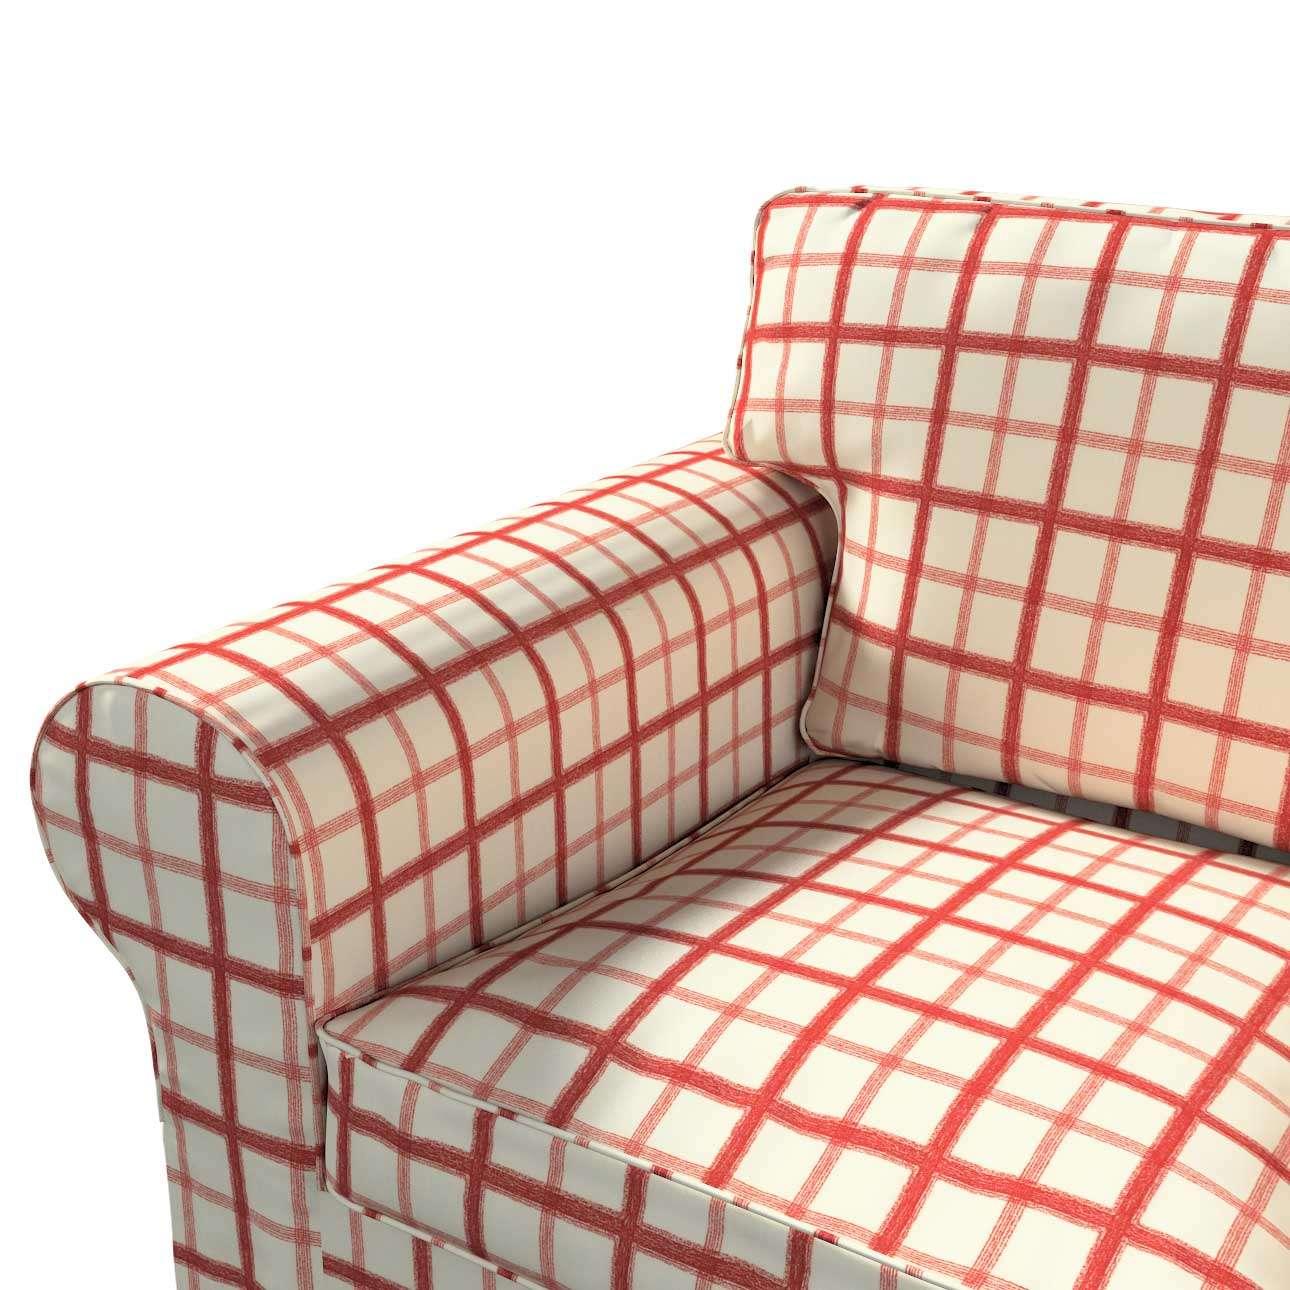 Pokrowiec na sofę Ektorp 2-osobową rozkładana NOWY MODEL 2012 w kolekcji Avinon, tkanina: 131-15